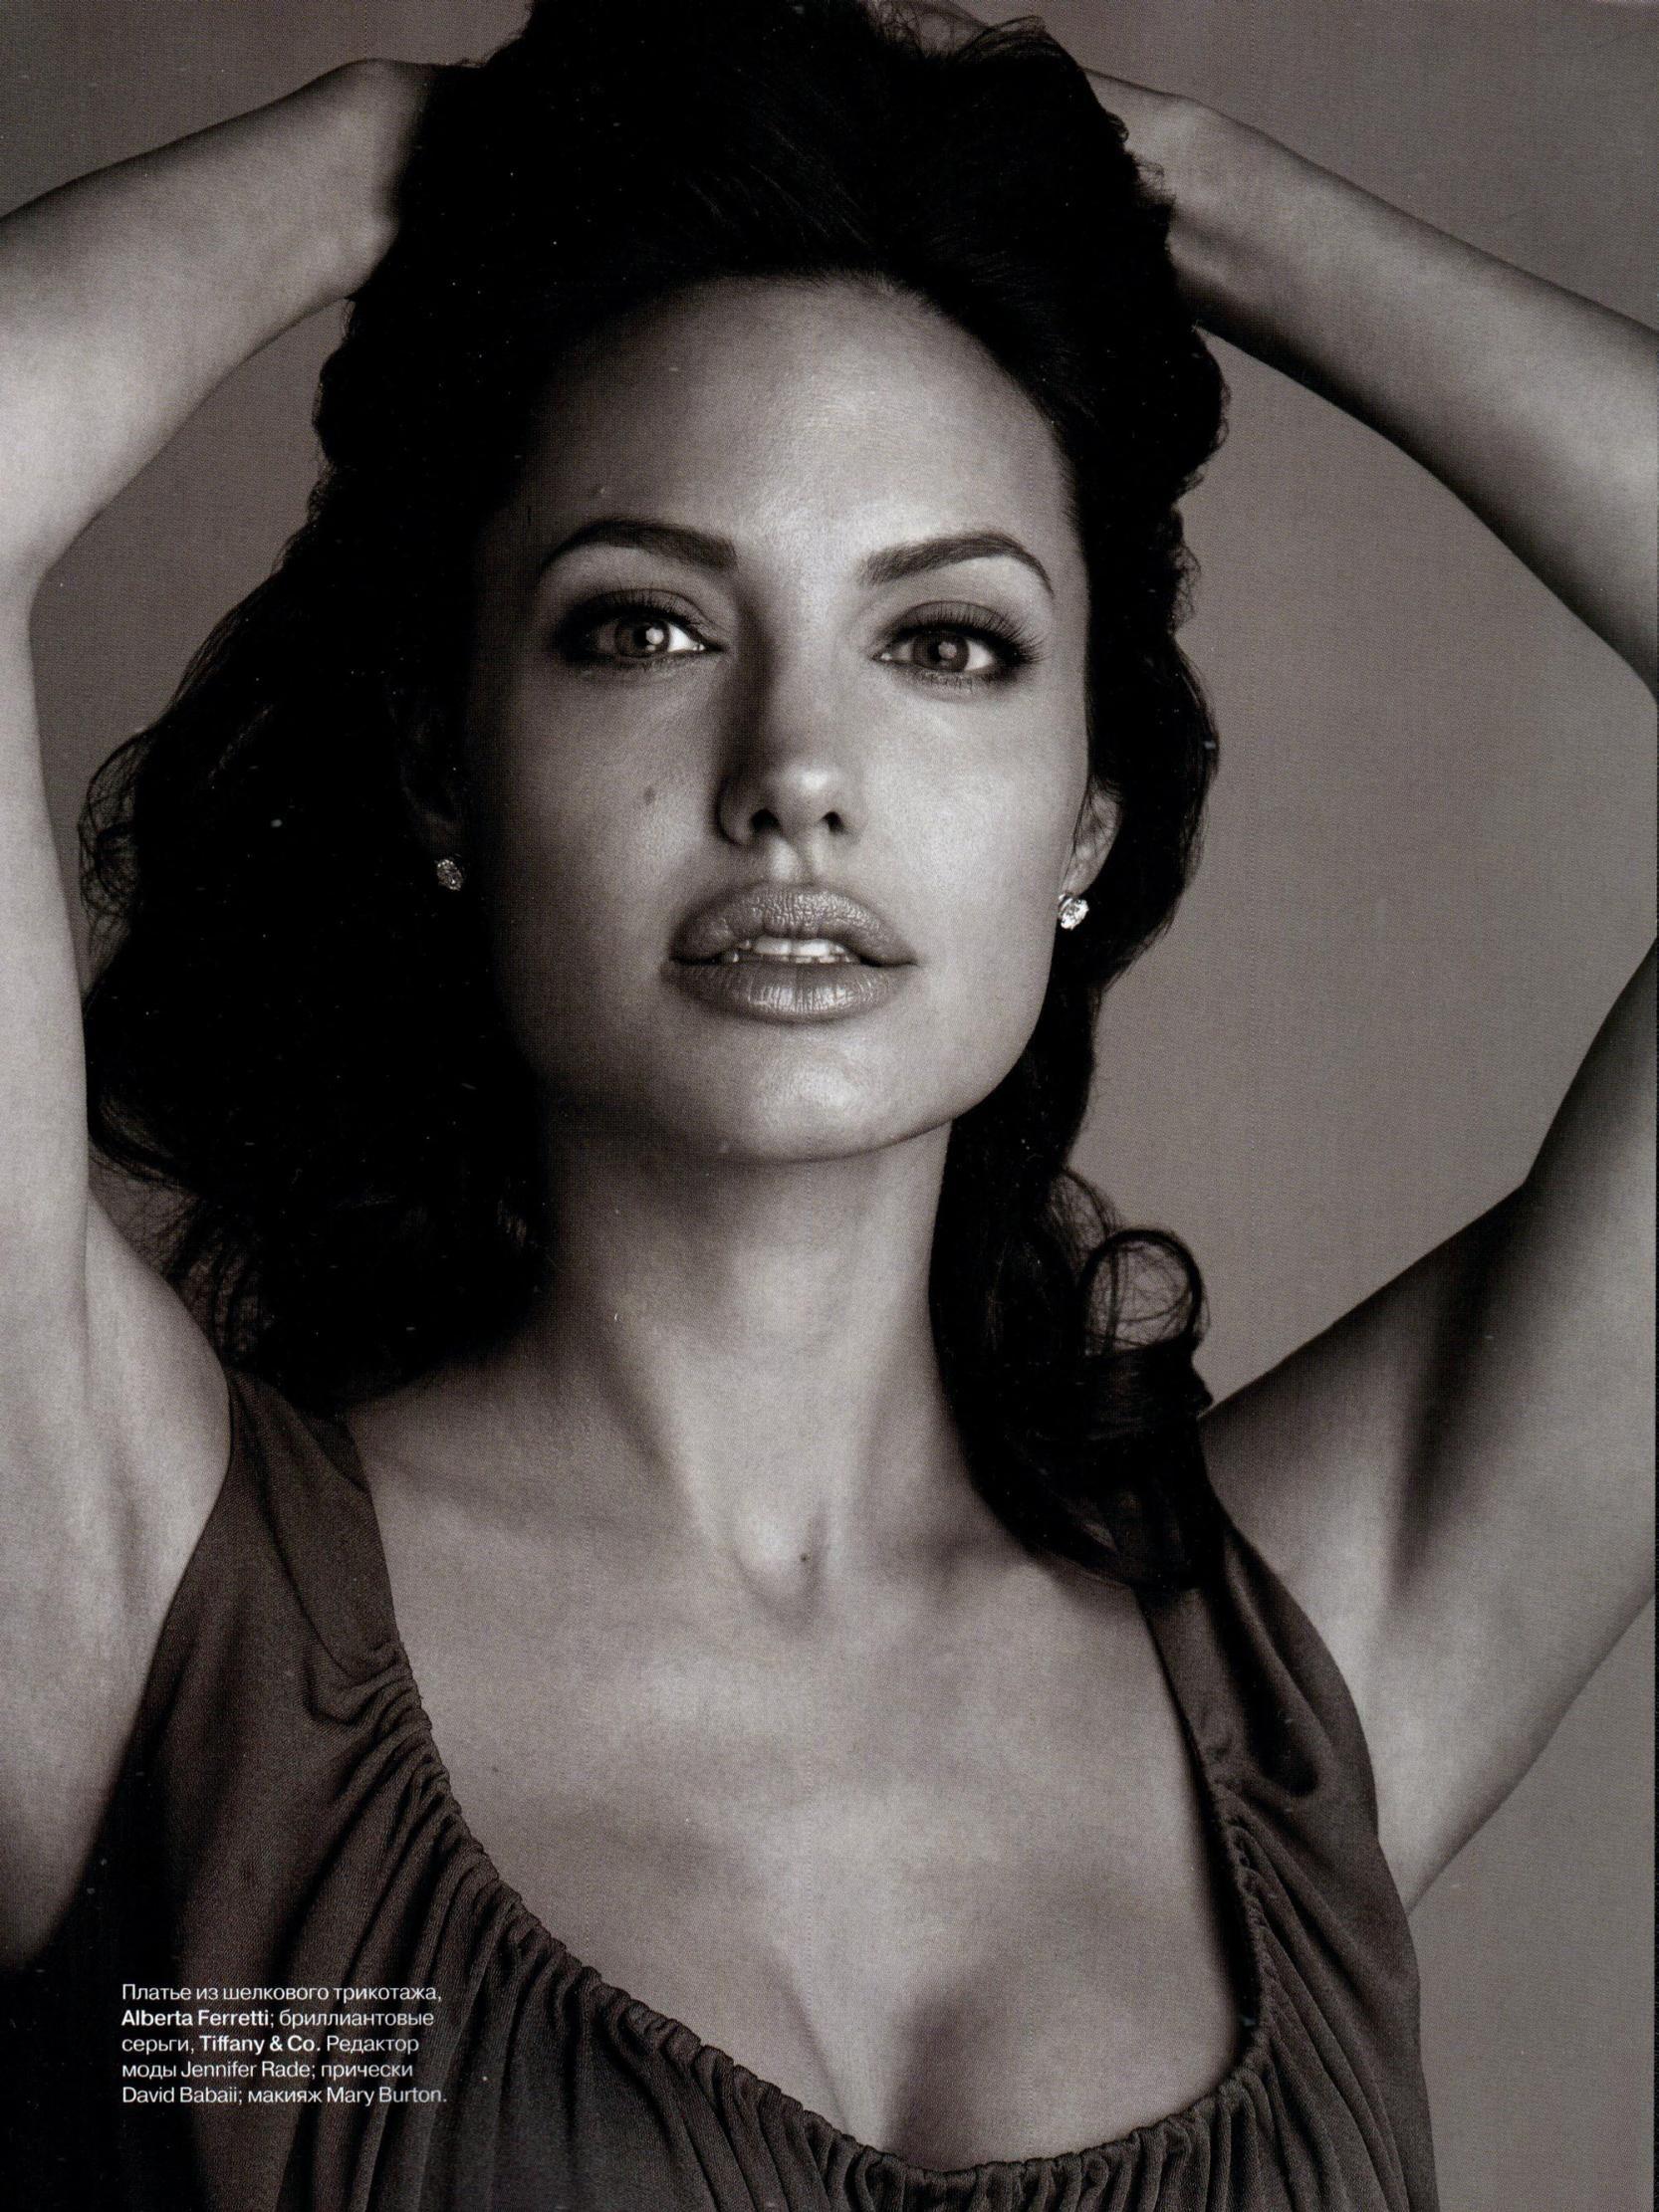 Angelina Jolie Harpers Bazaar 2009